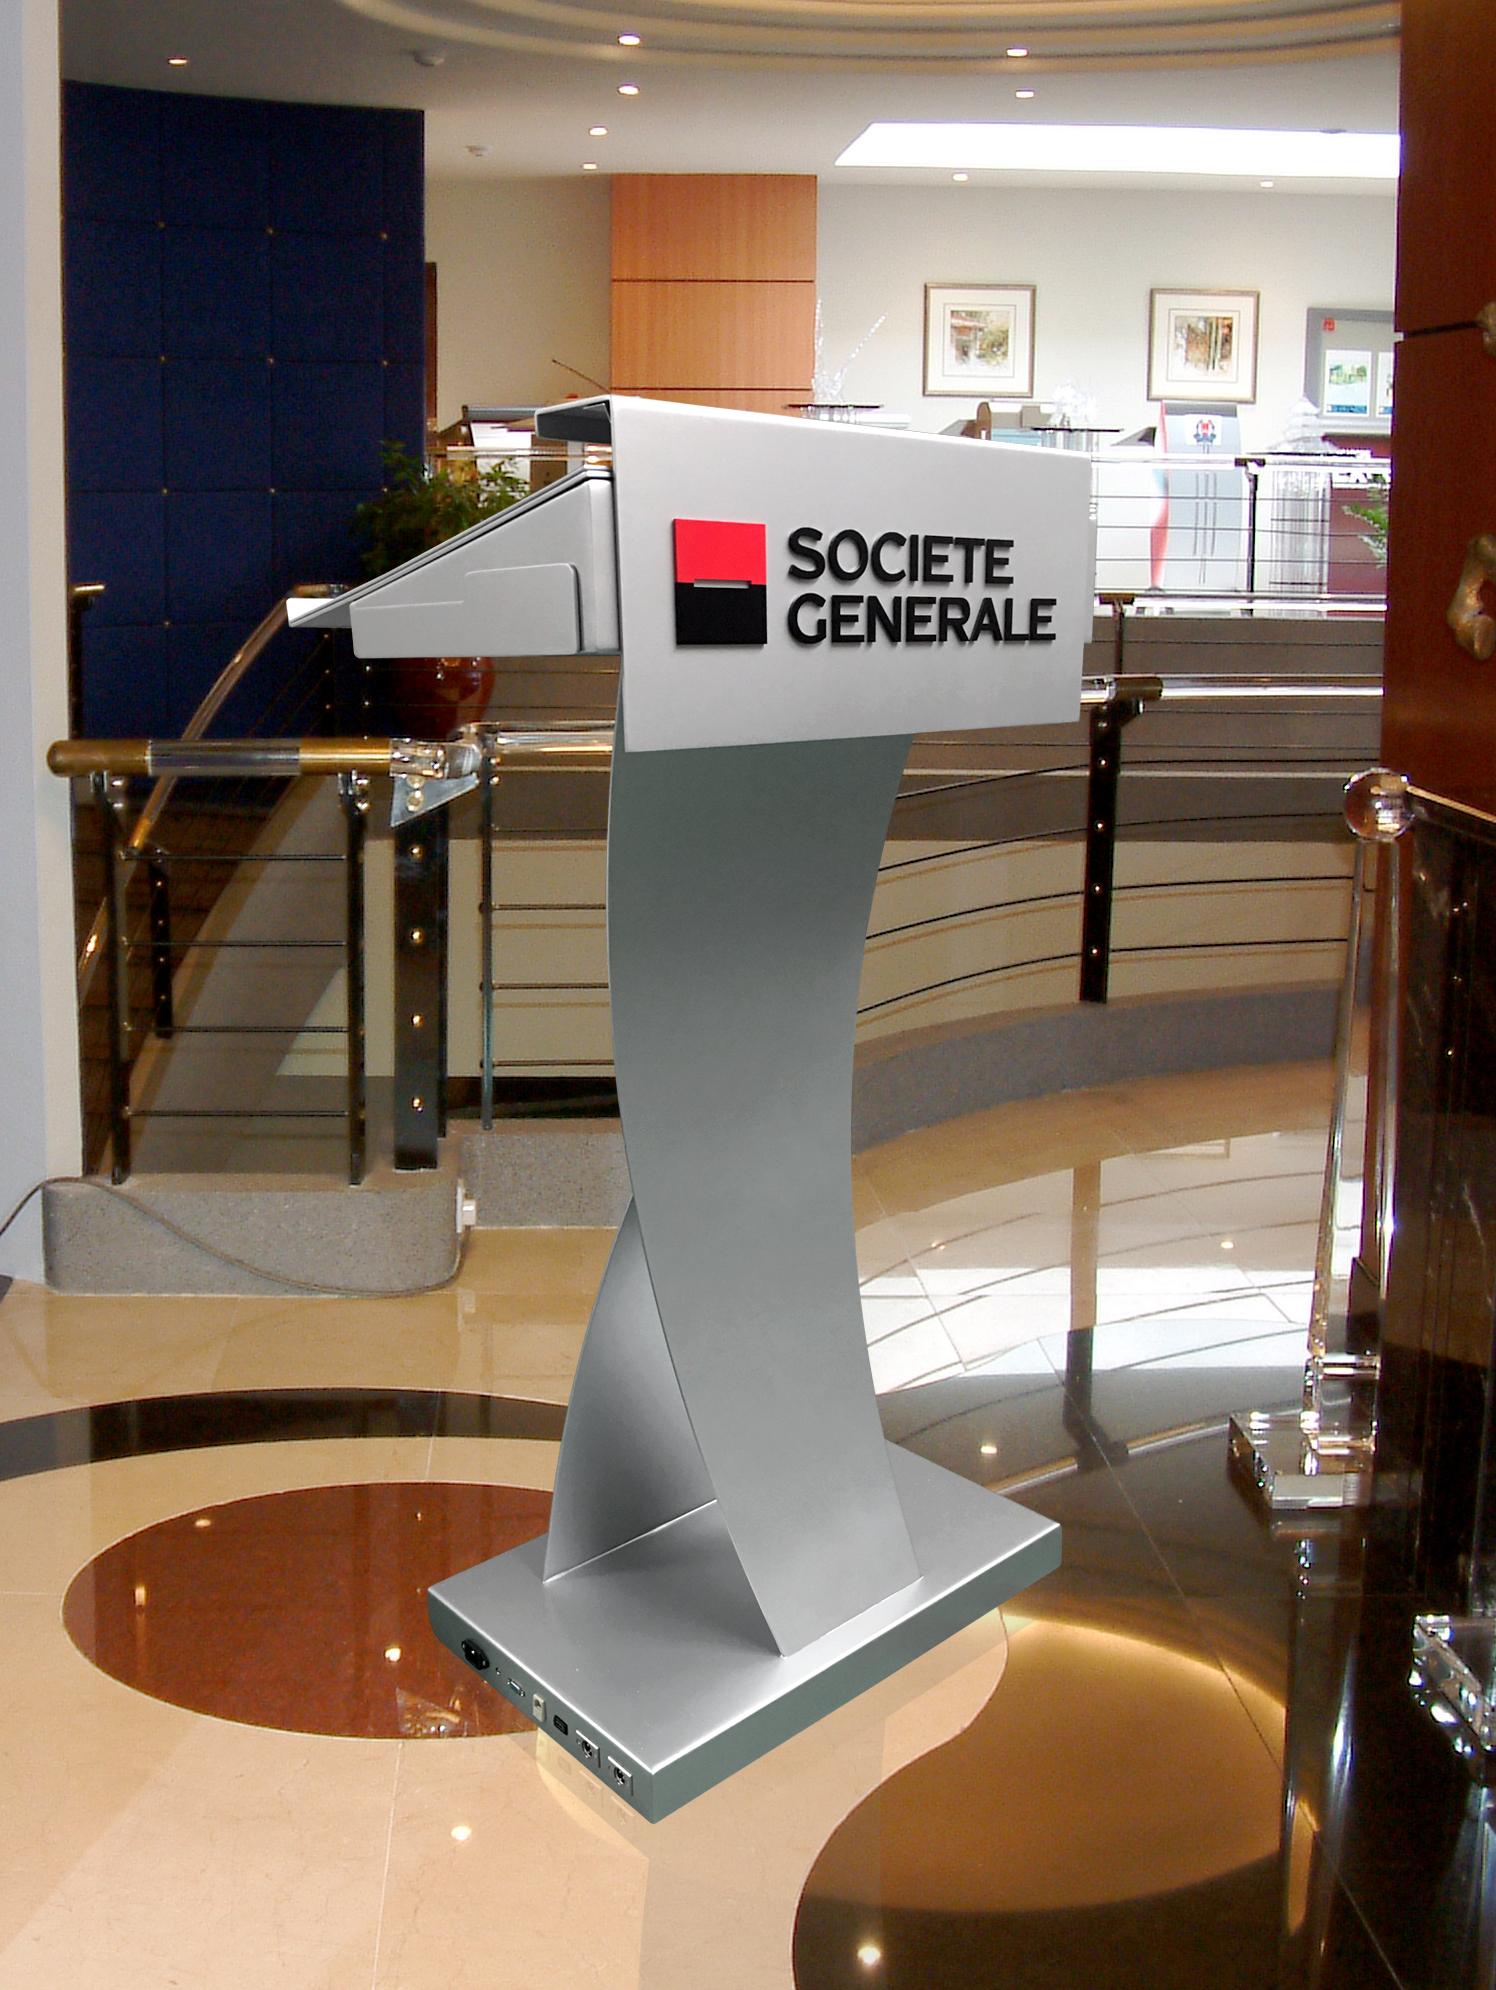 Societe General